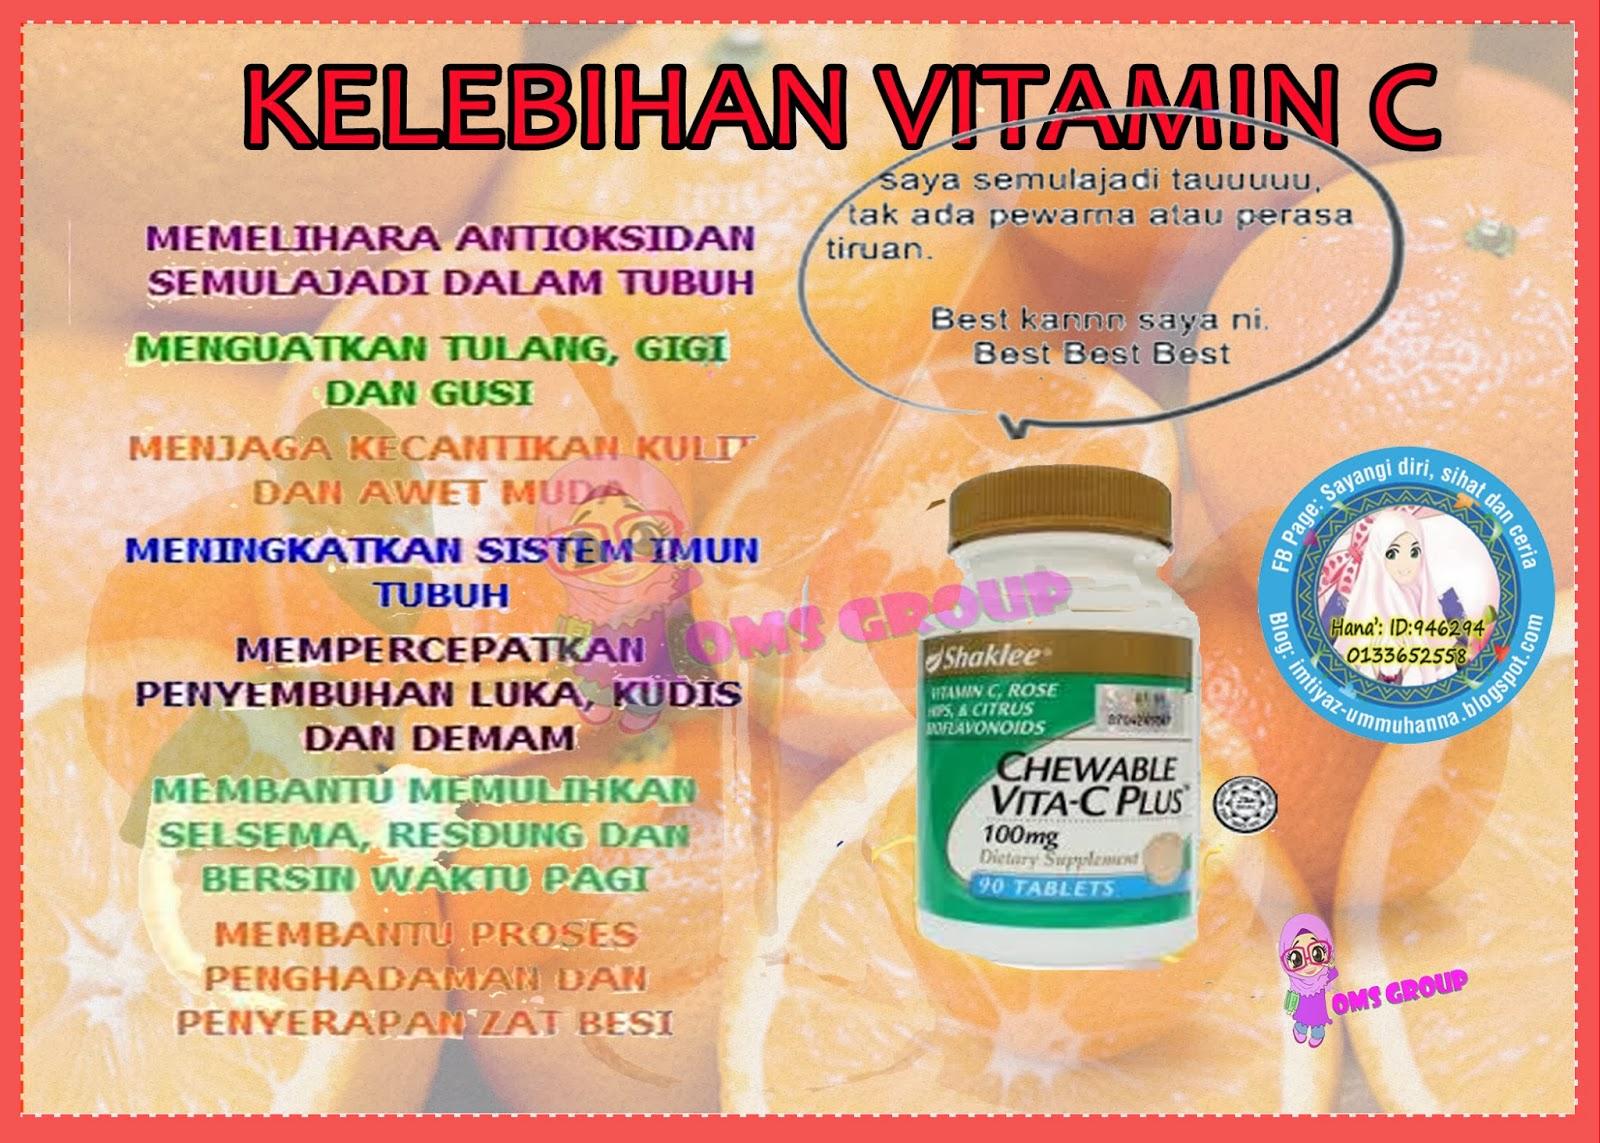 Rahsia, batuk, selsama, hilang tanpa ubat, antibiotik, vitamin c